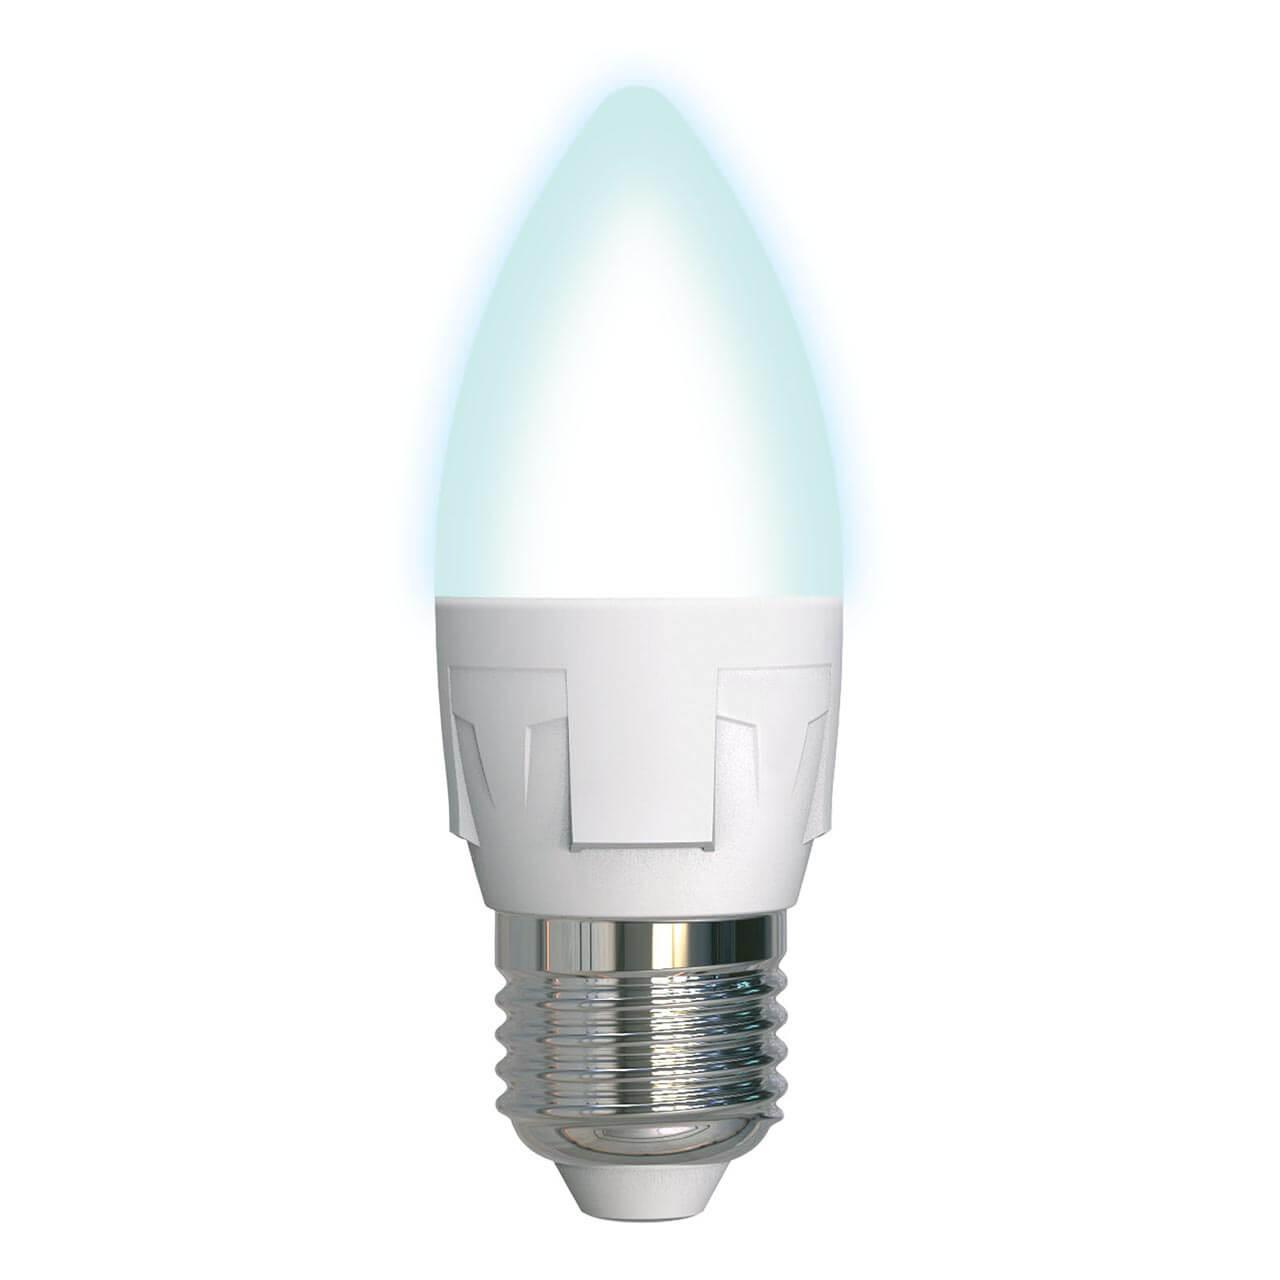 цена на Лампа светодиодная диммируемая (UL-00004295) E27 7W 4000K матовая LED-C37 7W/4000K/E27/FR/DIM PLP01WH